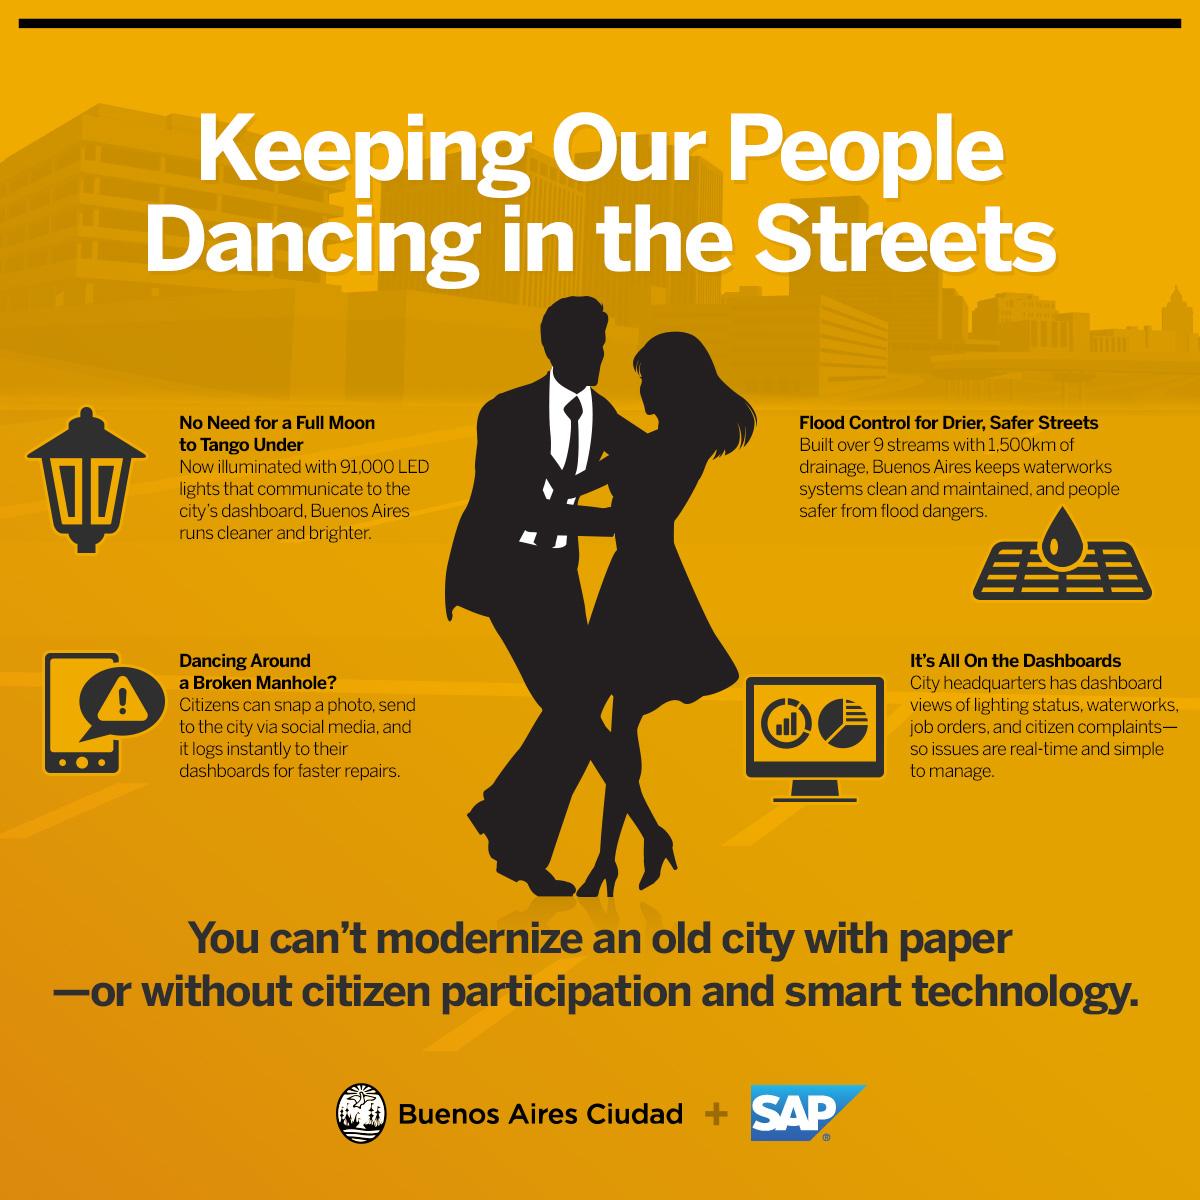 SAP_IllustratedStory_BuenosAiresA.jpg